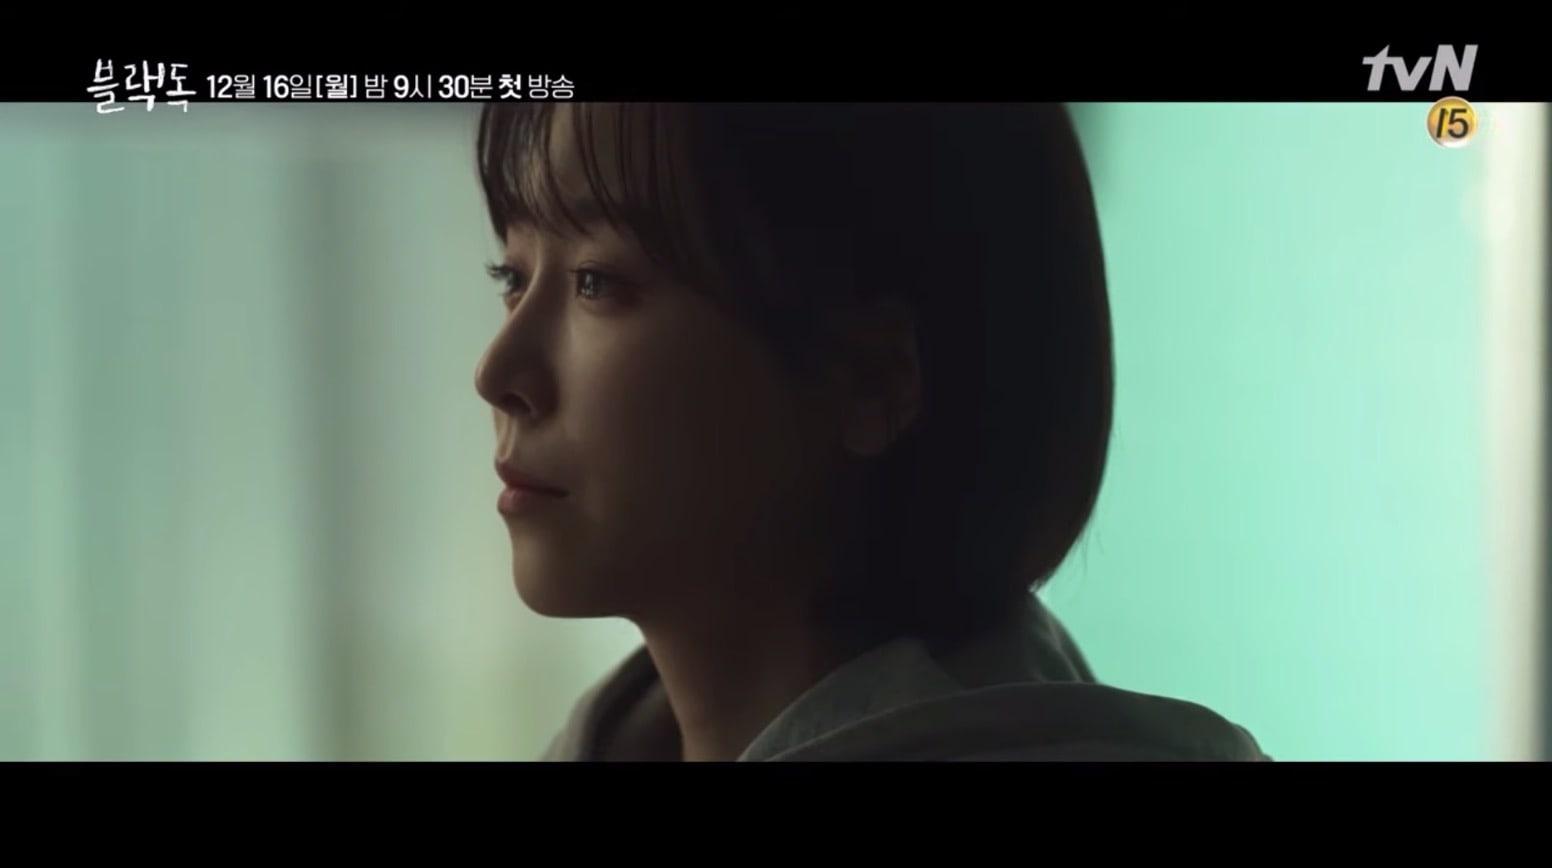 seo-hyun-jin-black-dog-00.jpg